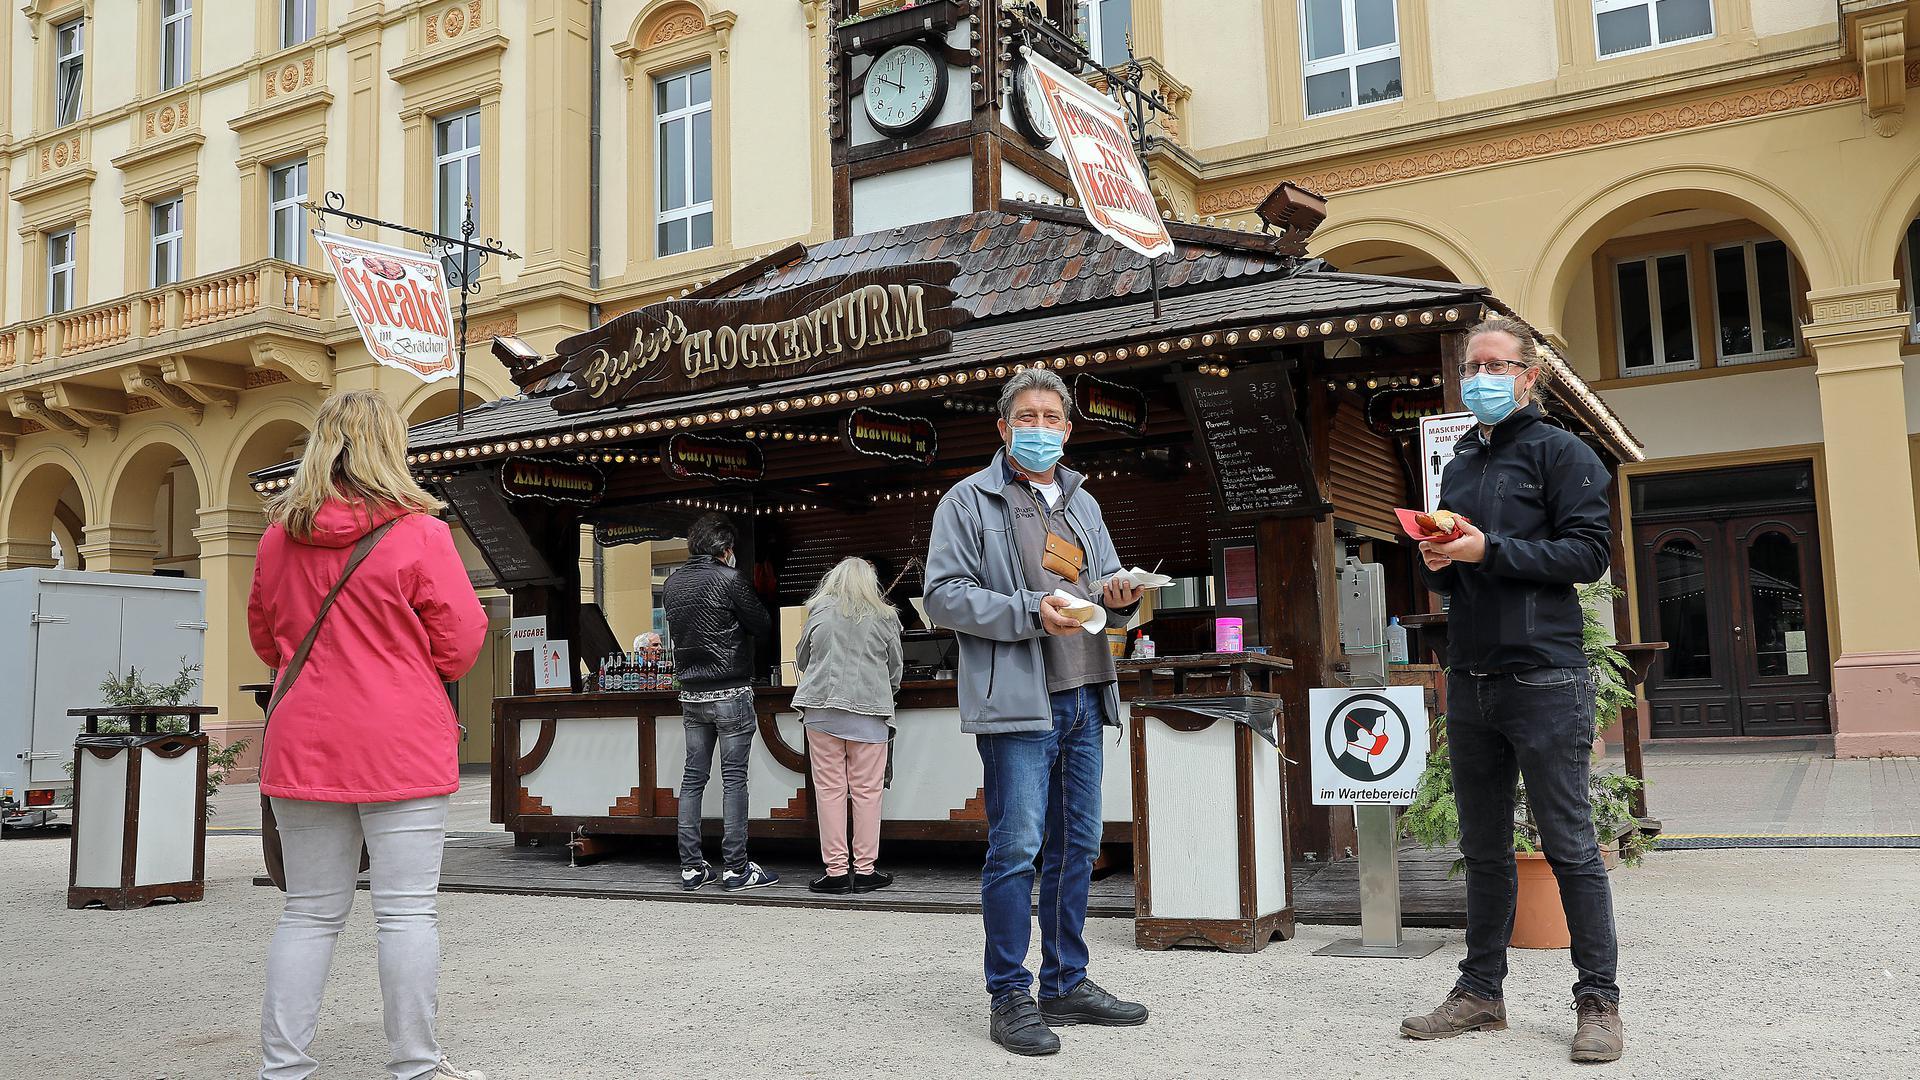 © Jodo-Foto /  Joerg  Donecker//  10.05.2021 Schausteller stehen mit den Buden wieder in der Innenstadt,   Foto: FRIEDRICHSPLATZ,    -Copyright - Jodo-Foto /  Joerg  Donecker Sonnenbergstr.4  D-76228 KARLSRUHE TEL:  0049 (0) 721-9473285 FAX:  0049 (0) 721 4903368  Mobil: 0049 (0) 172 7238737 E-Mail:  joerg.donecker@t-online.de Sparkasse Karlsruhe  IBAN: DE12 6605 0101 0010 0395 50, BIC: KARSDE66XX Steuernummer 34140/28360 Veroeffentlichung nur gegen Honorar nach MFM zzgl. ges. Mwst.  , Belegexemplar und Namensnennung. Es gelten meine AGB.